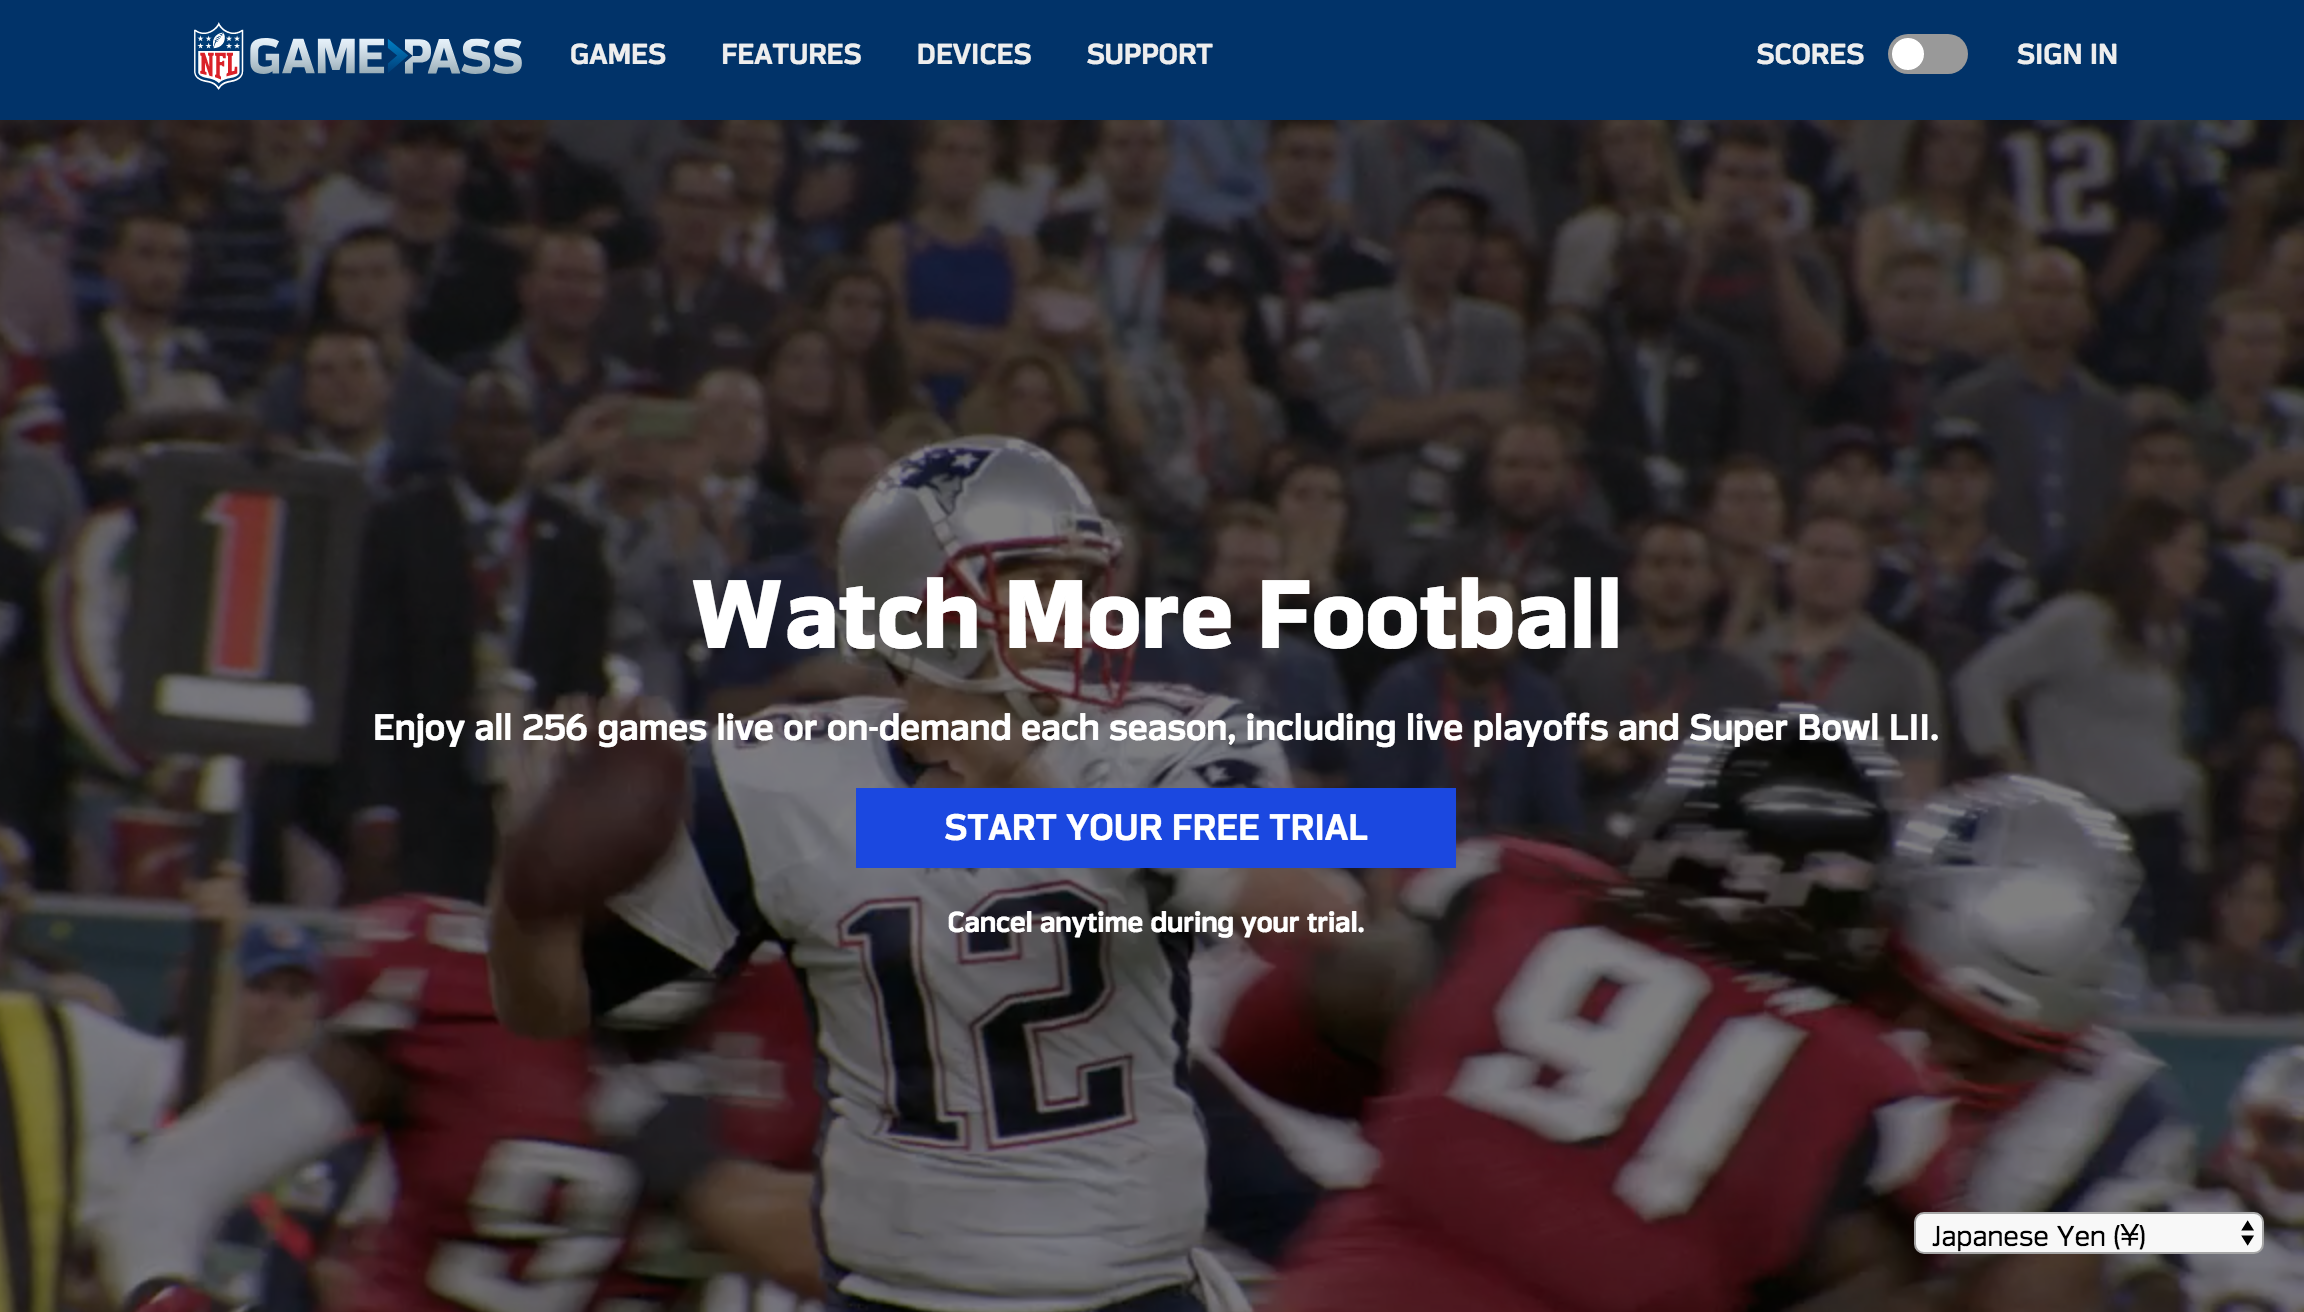 NFL公式のGAME PASS